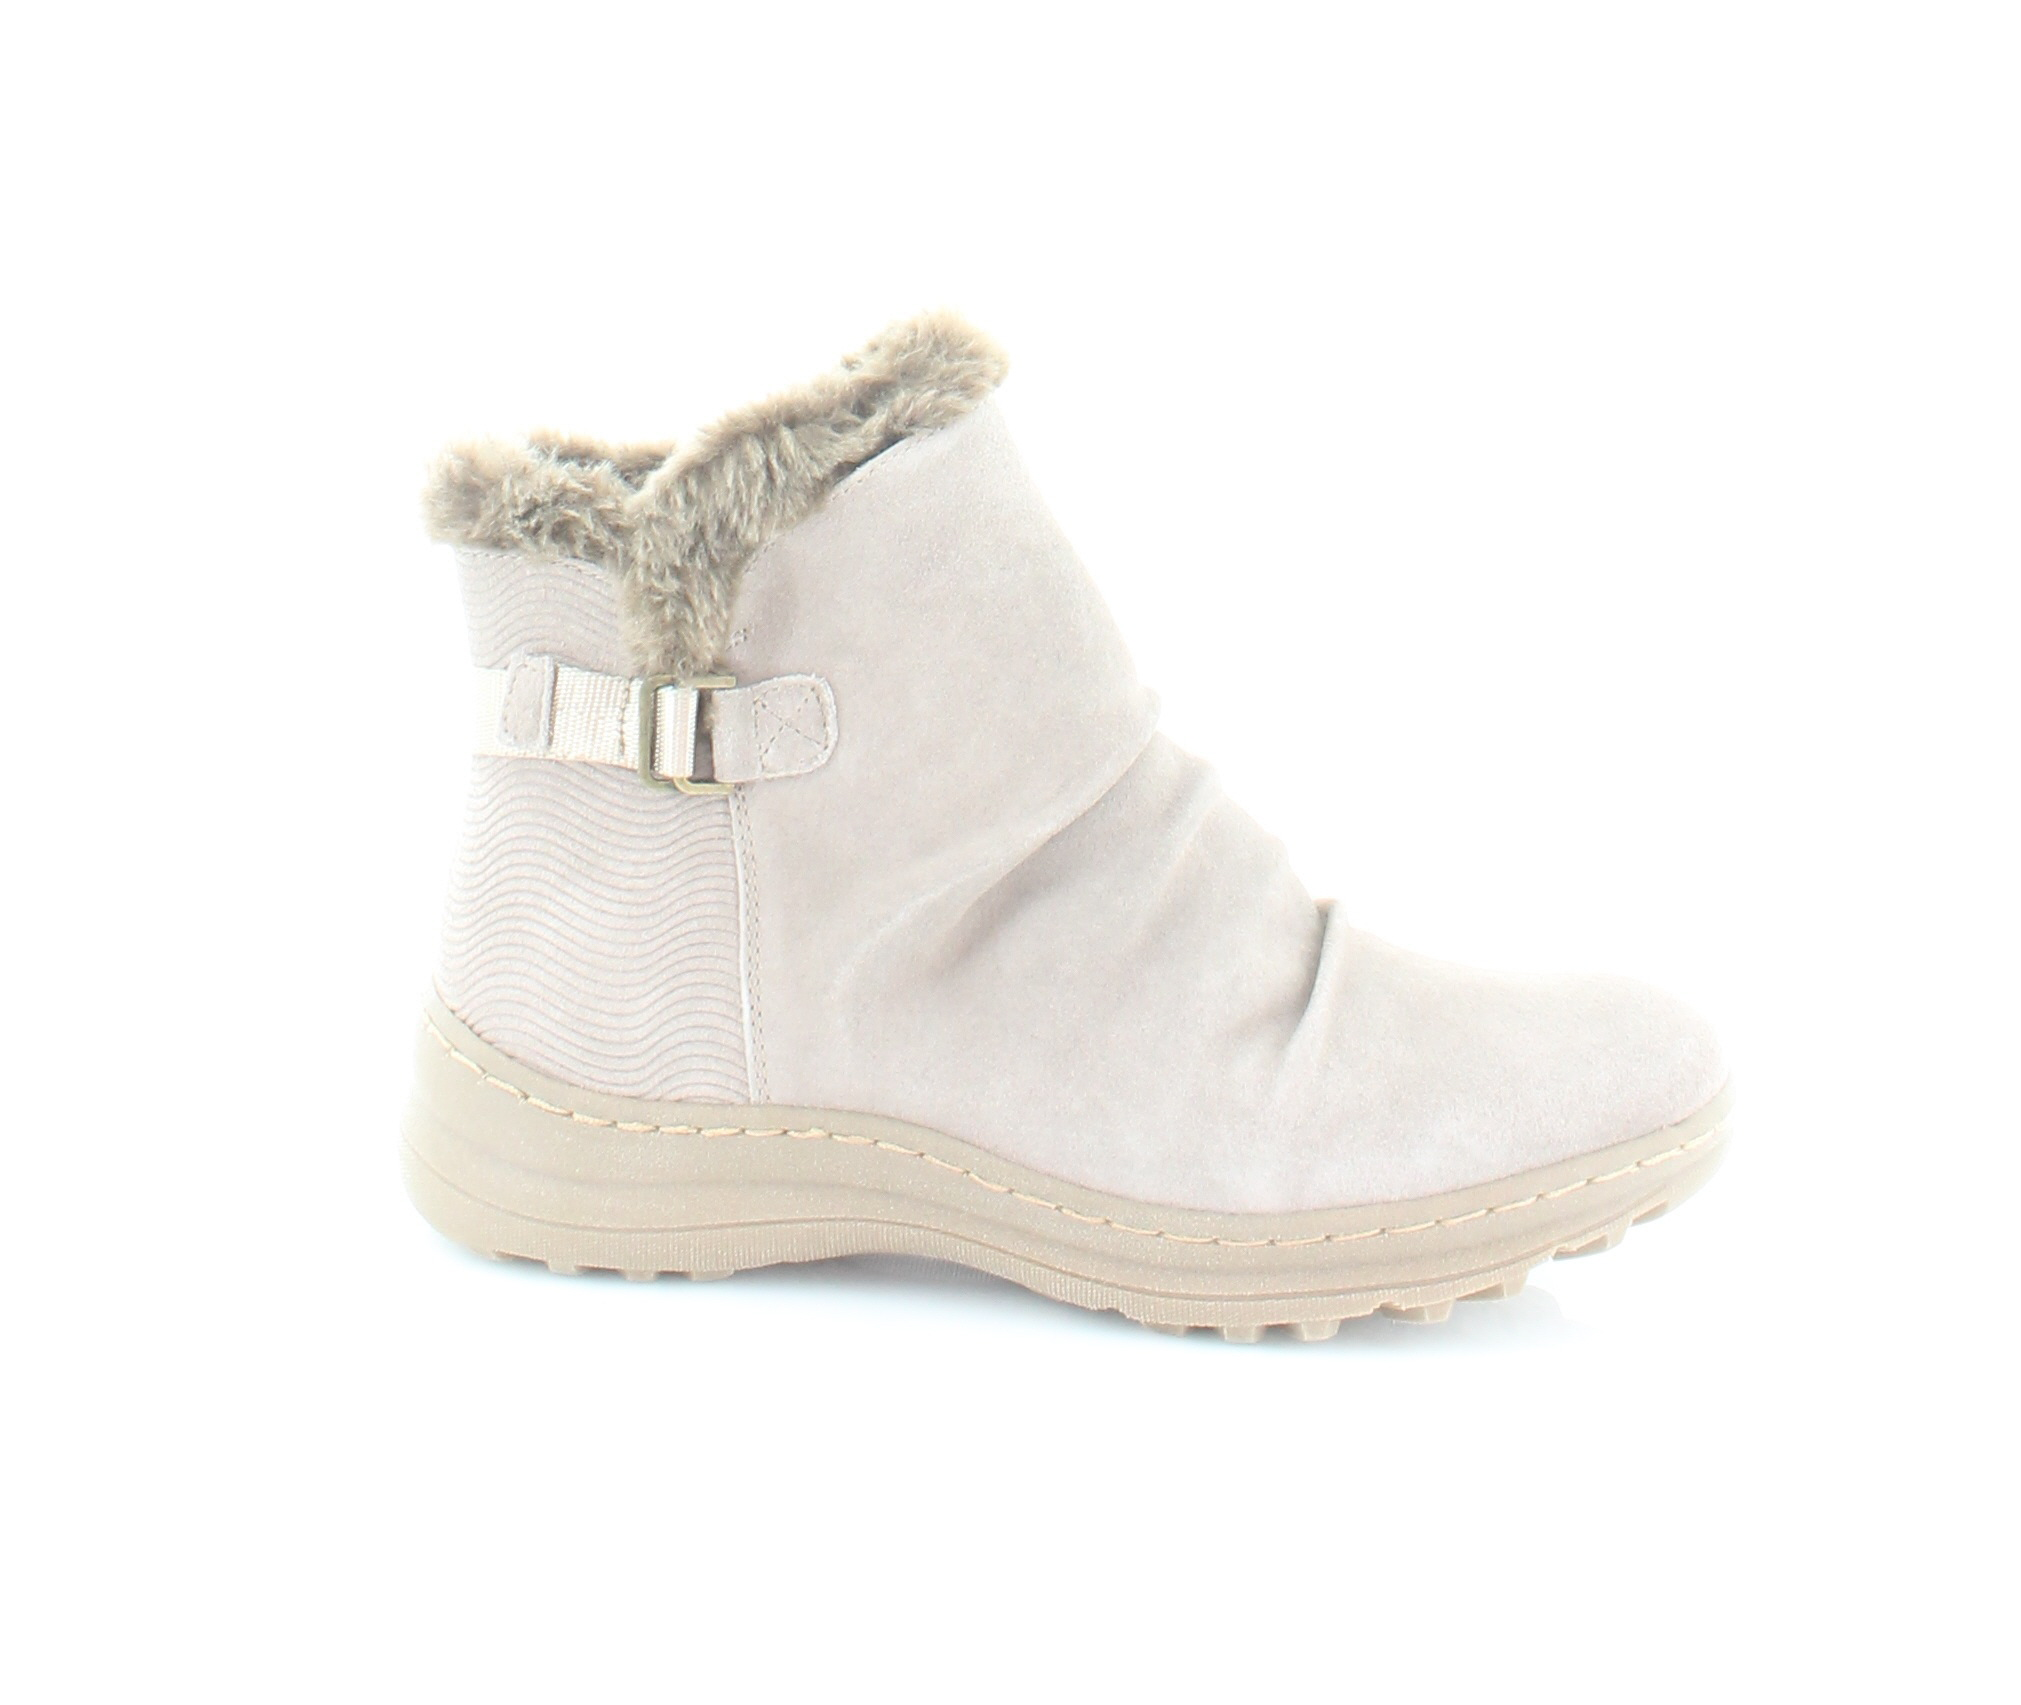 Baretraps Nouveau Avita Beige Pour Femme chaussures Taille 9 M bottes fabricants Standard prix de détail  99